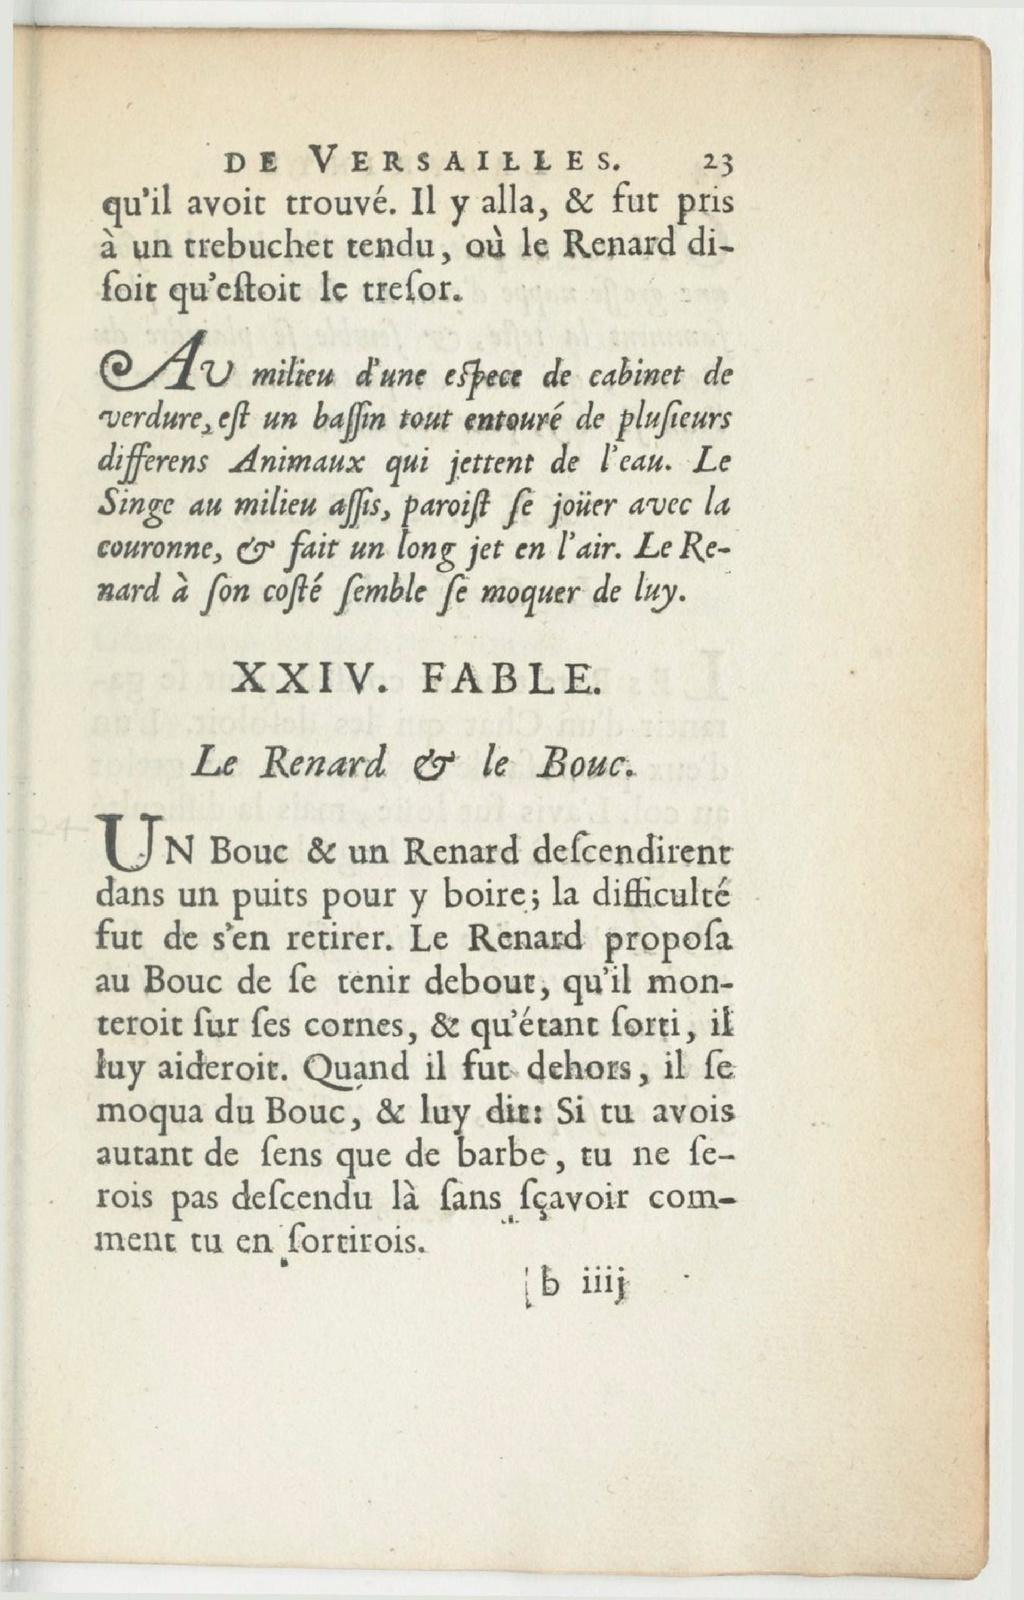 Le Renard Et Le Bouc Pdf : renard, Page:Perrault,, Benserade, Labyrinthe, Versailles.pdf/31, Wikisource